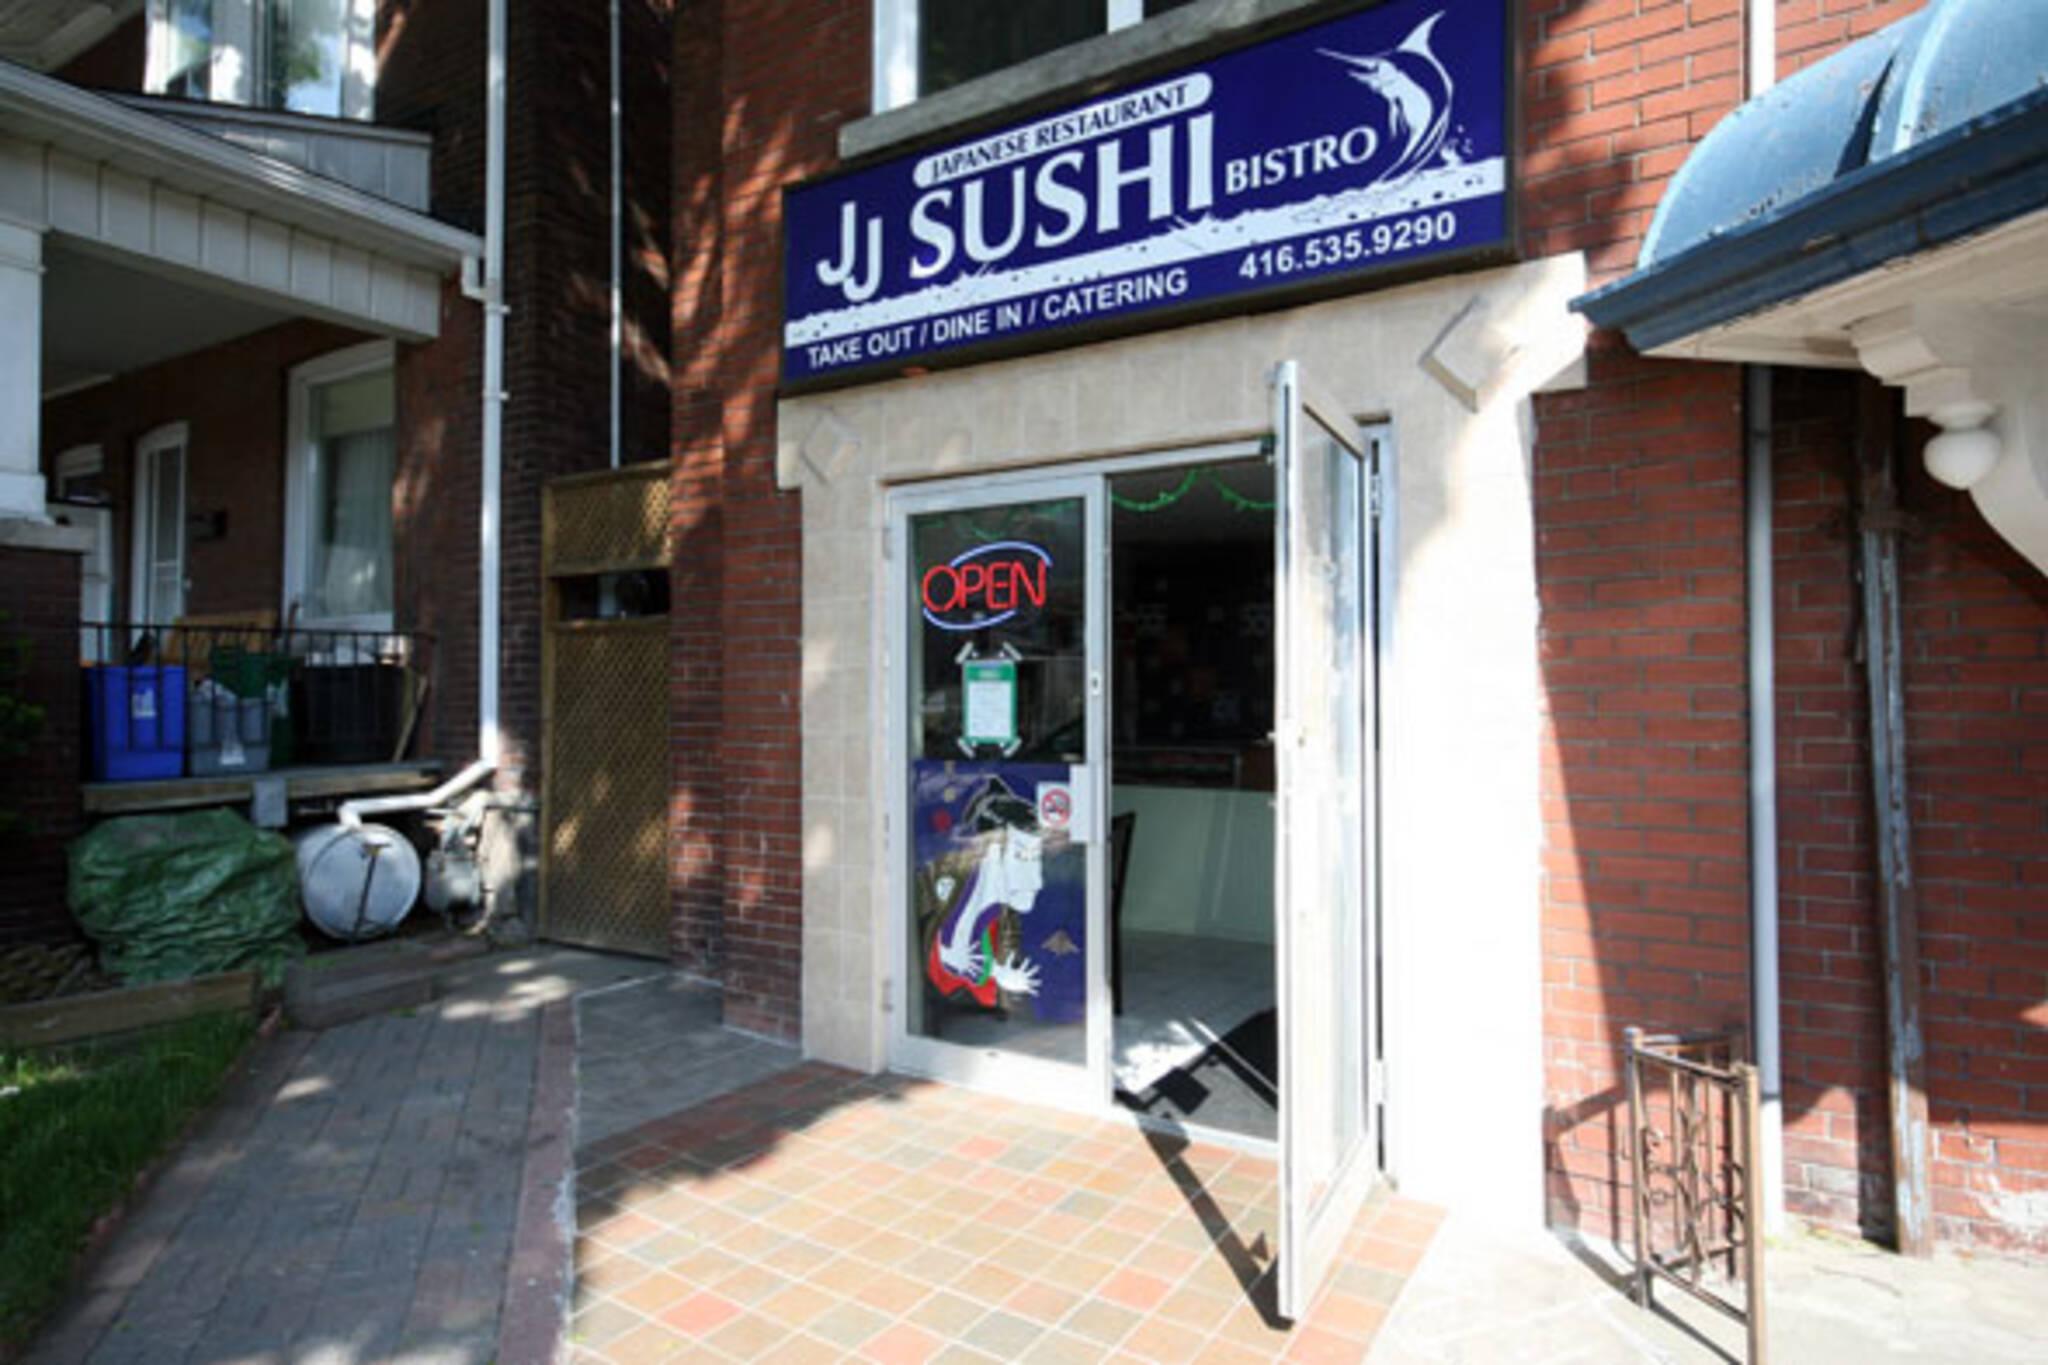 JJ Sushi